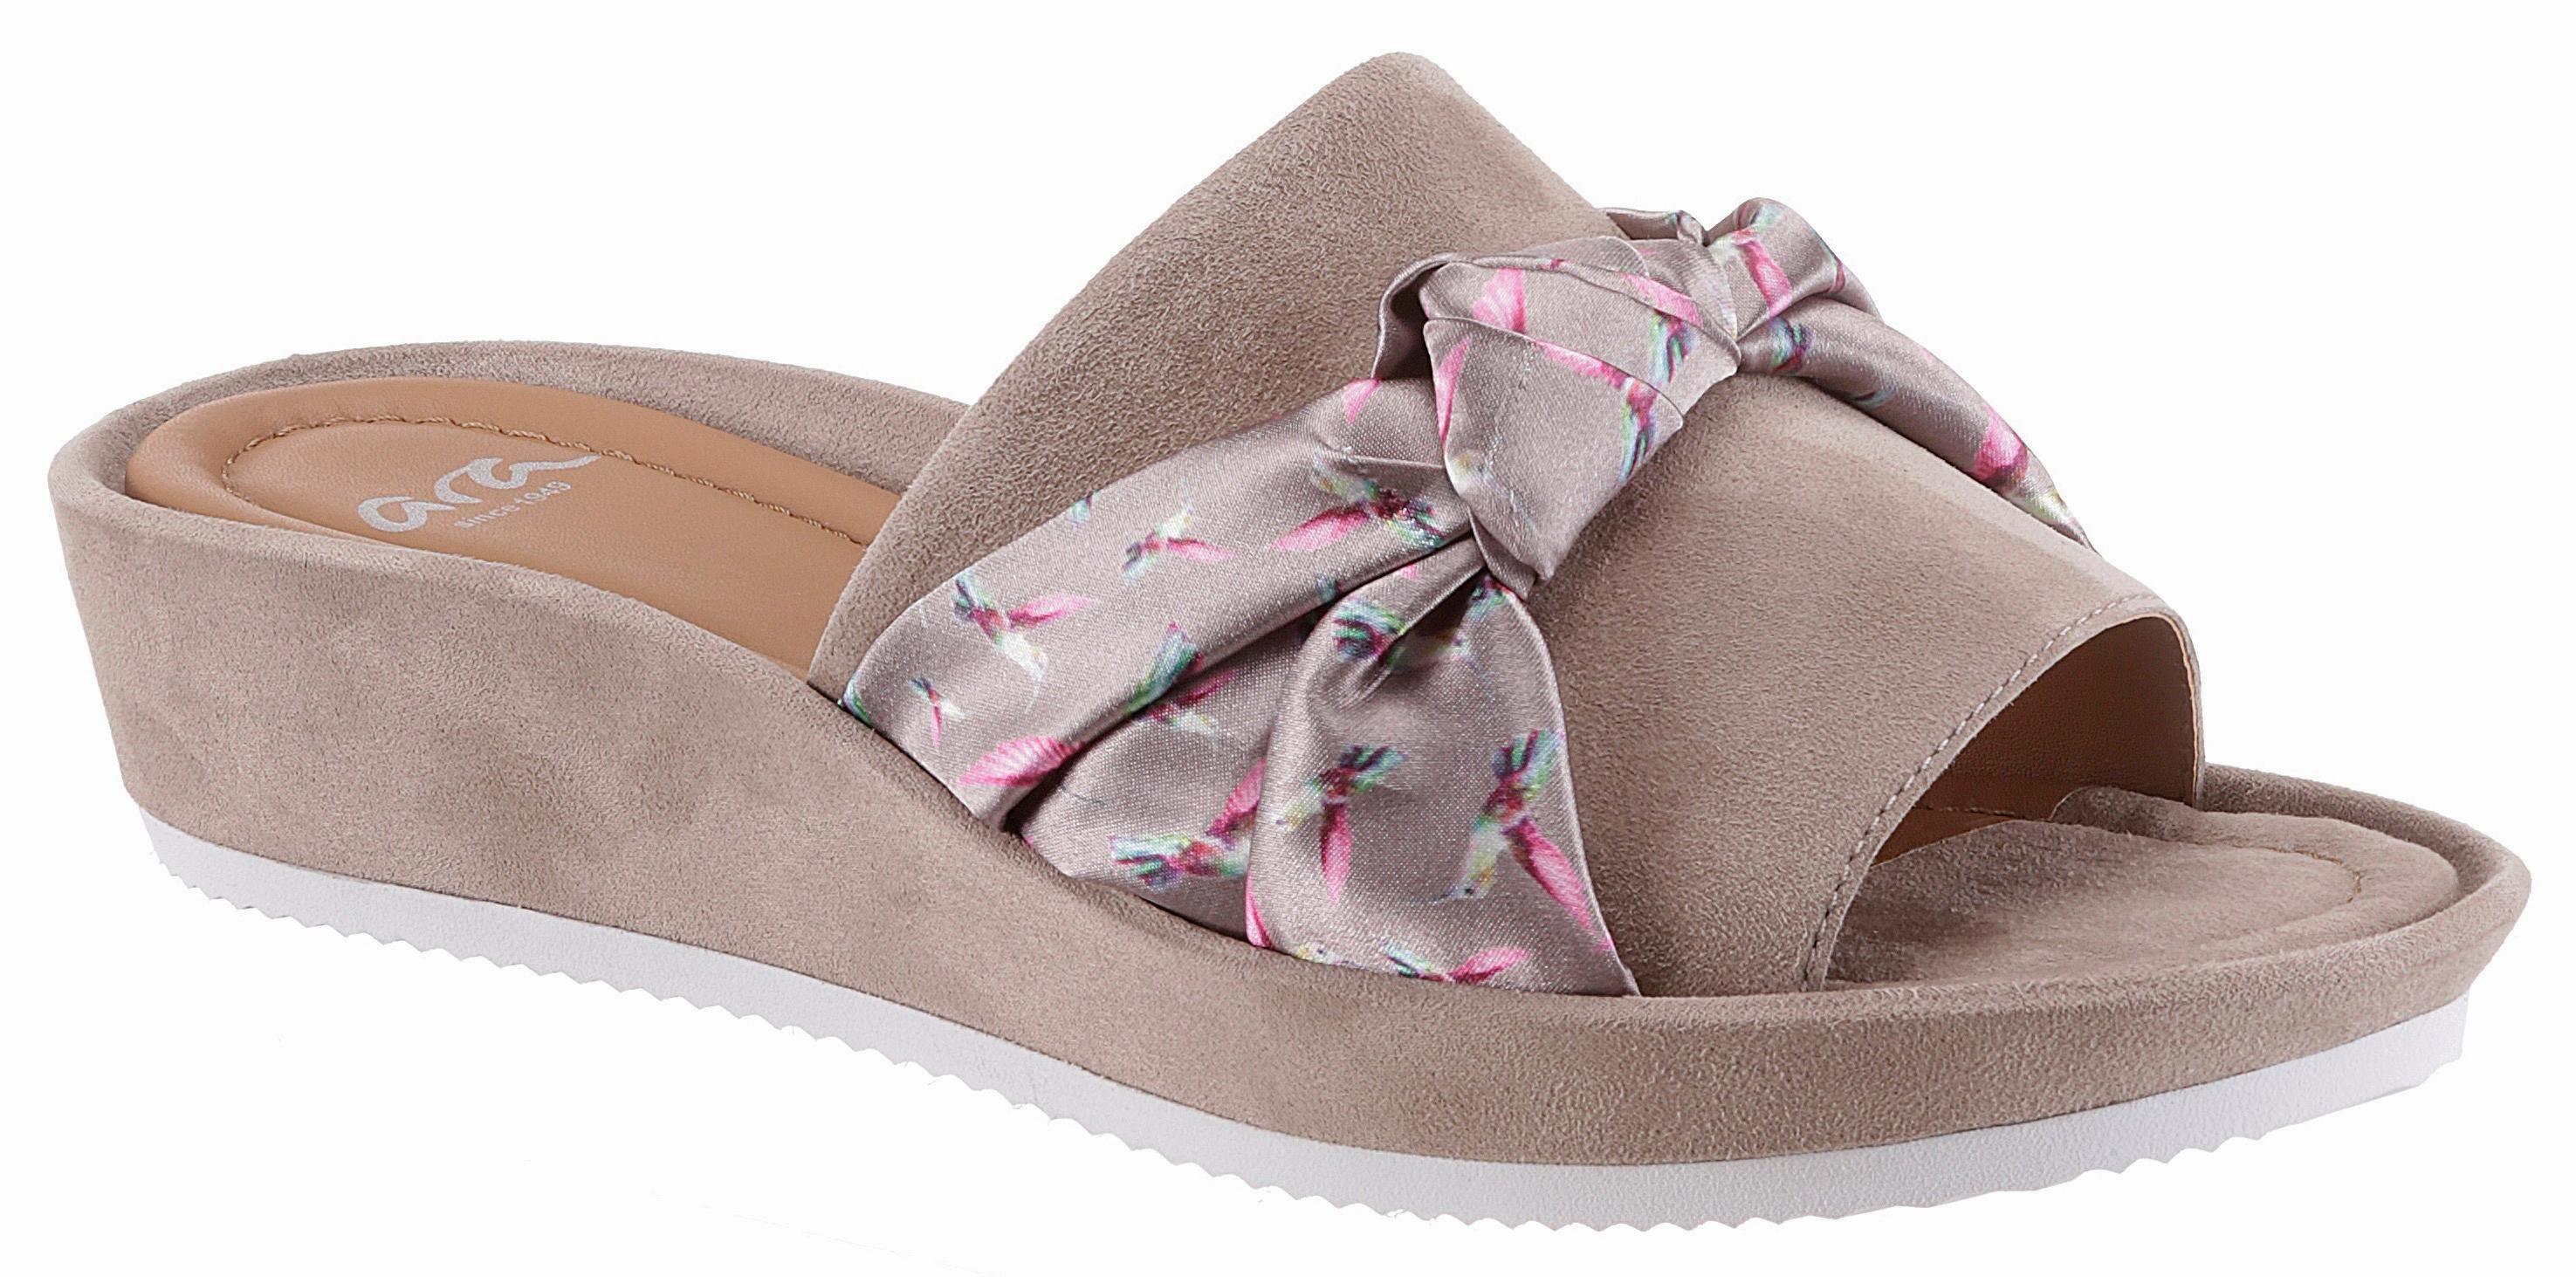 Ara Pantolette, mit Schleifen-Applikation kaufen  taupe-pink